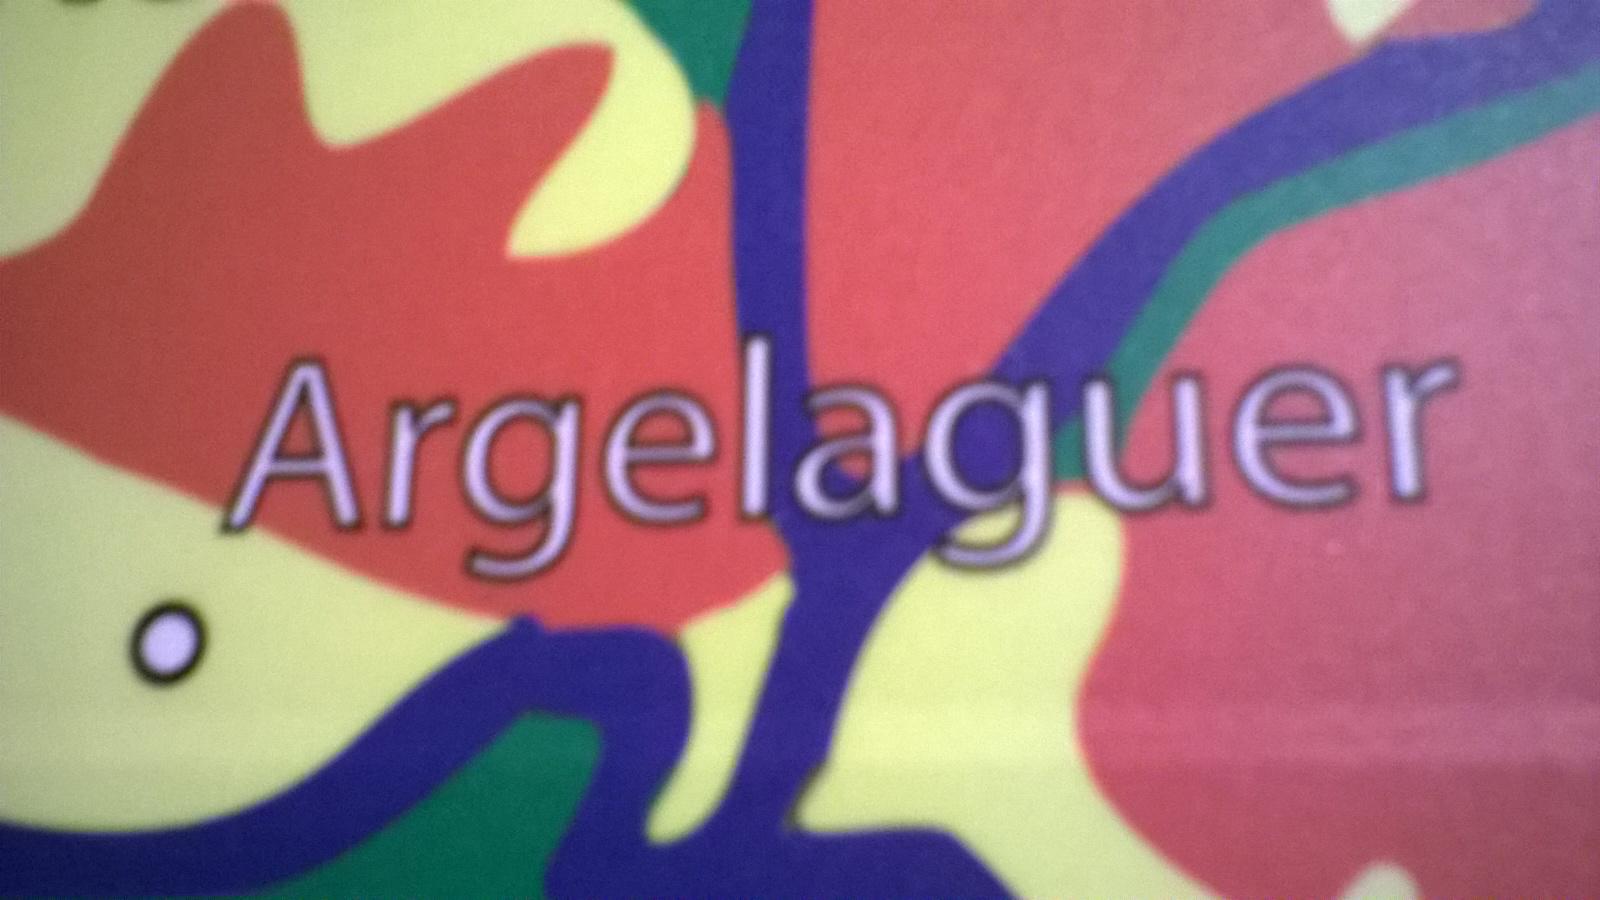 Argelaguer (Garrotxa)